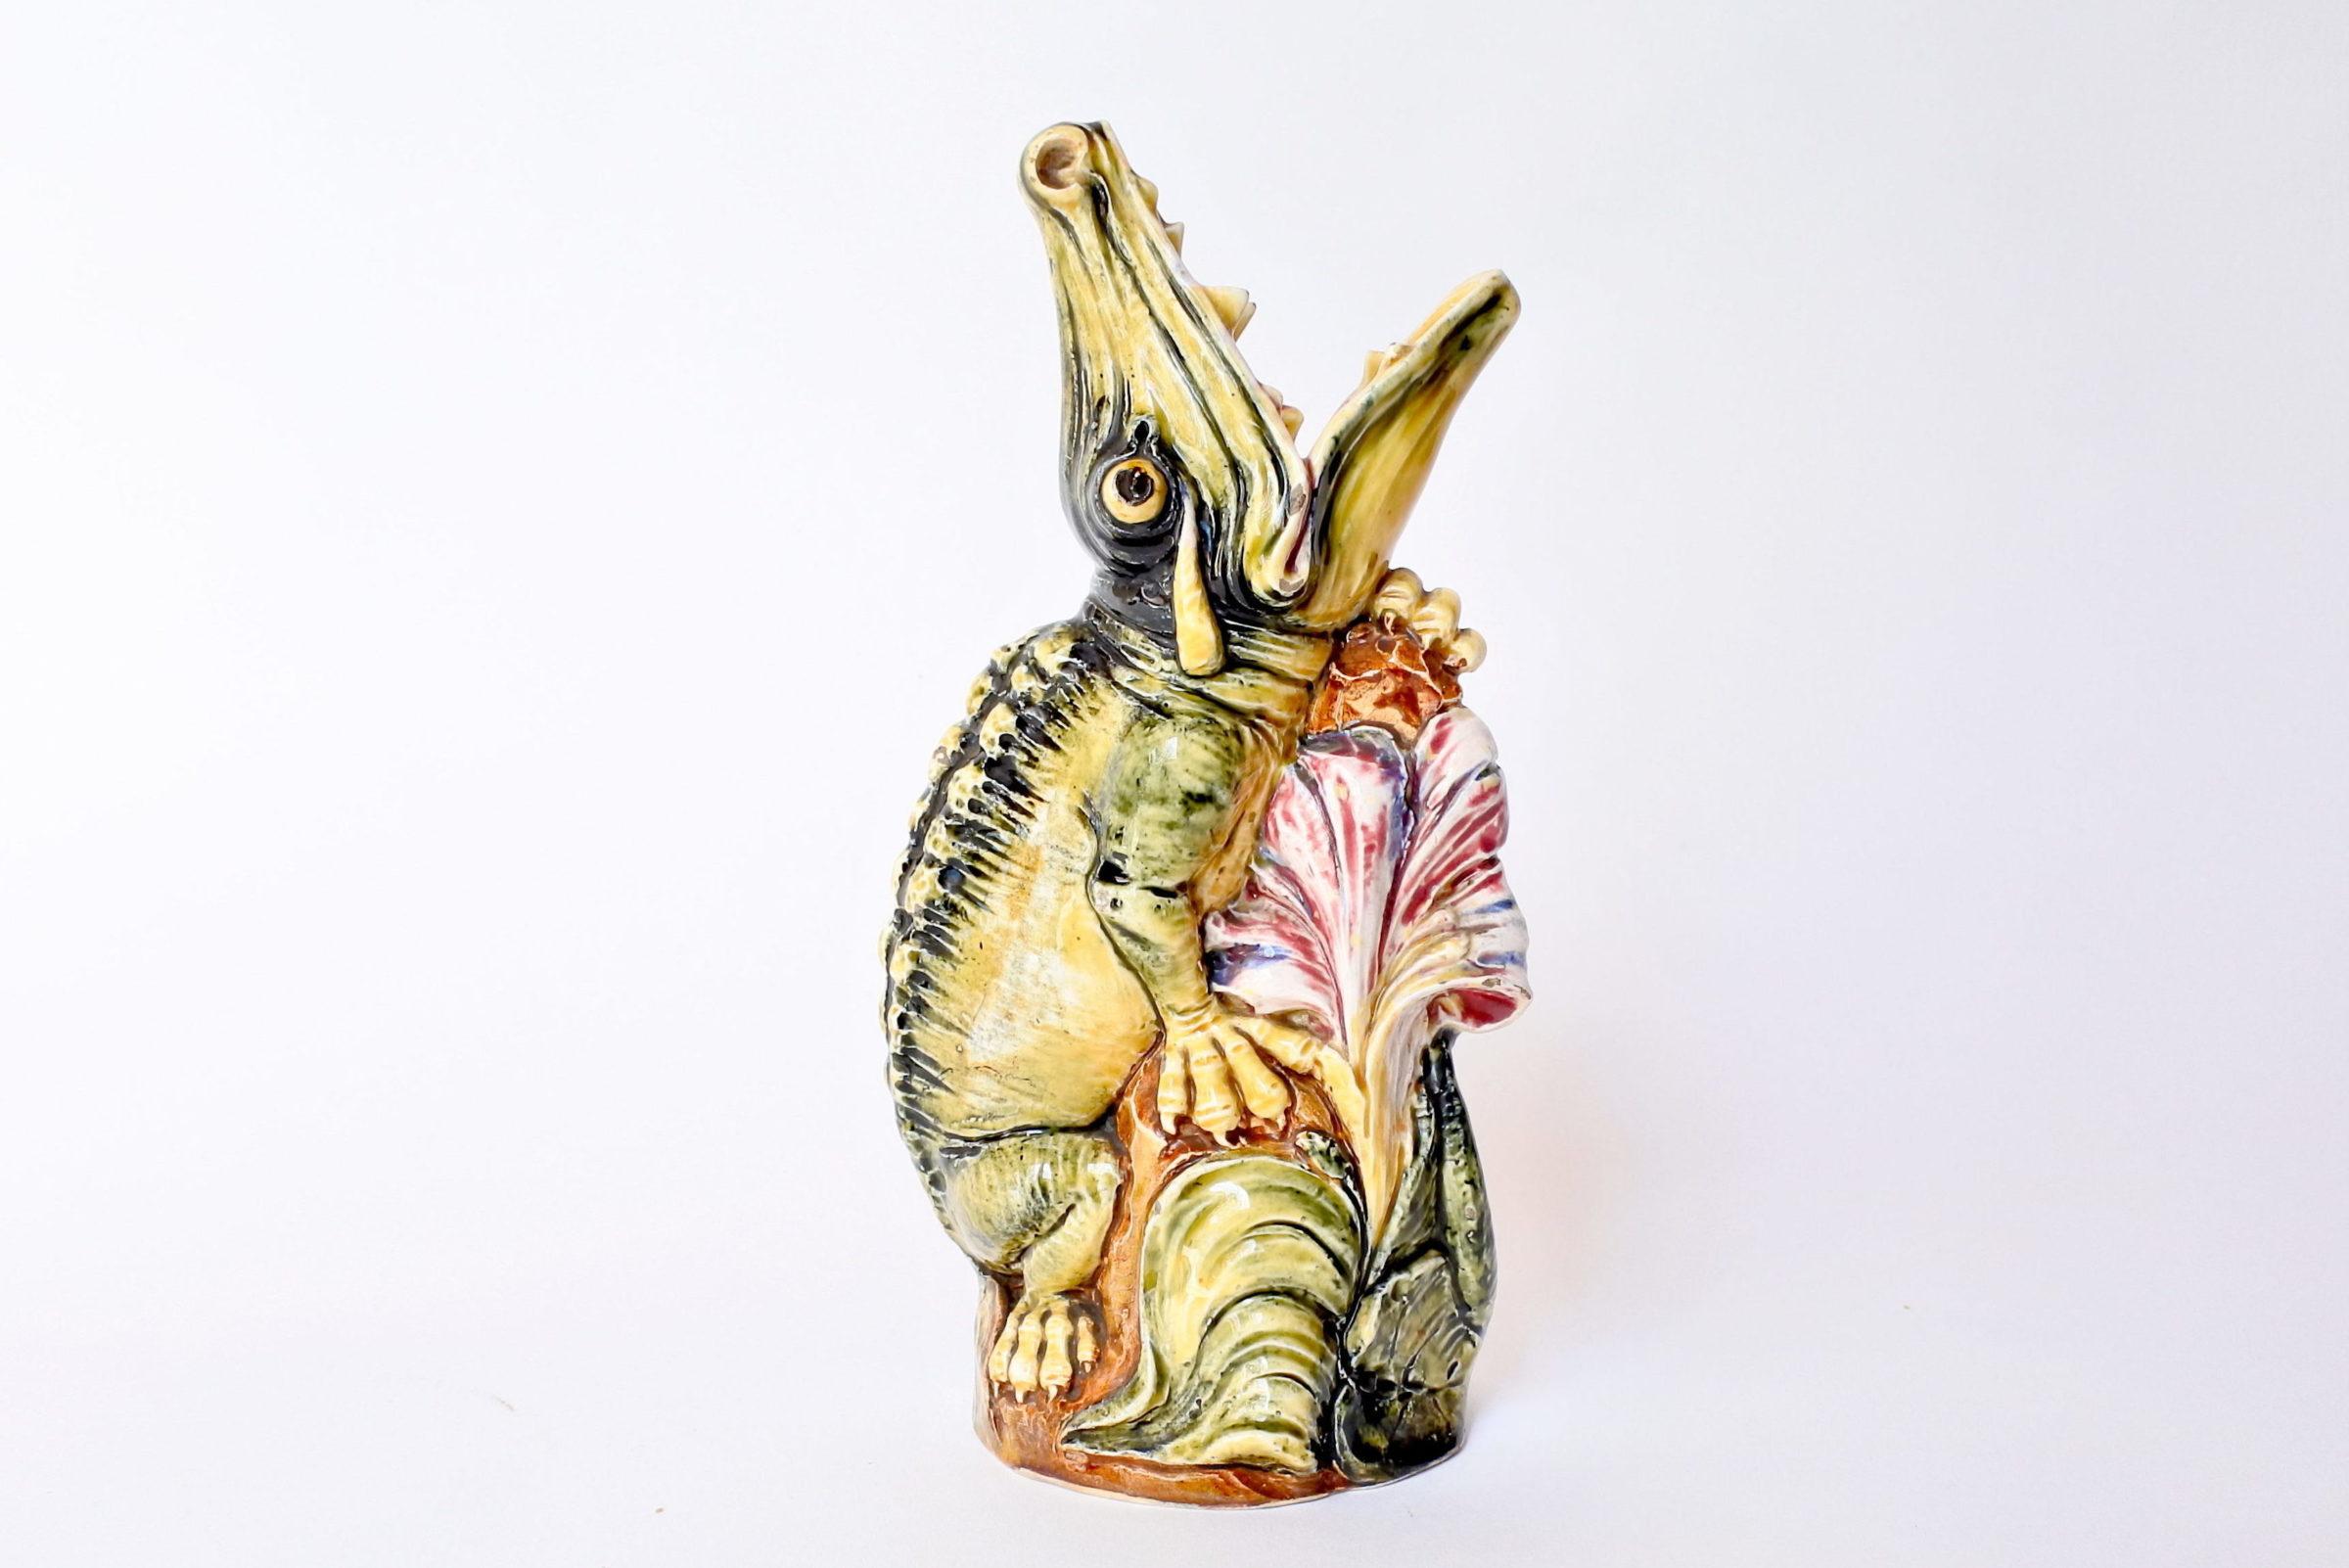 Vaso in ceramica barbotine a forma di coccodrillo - 4